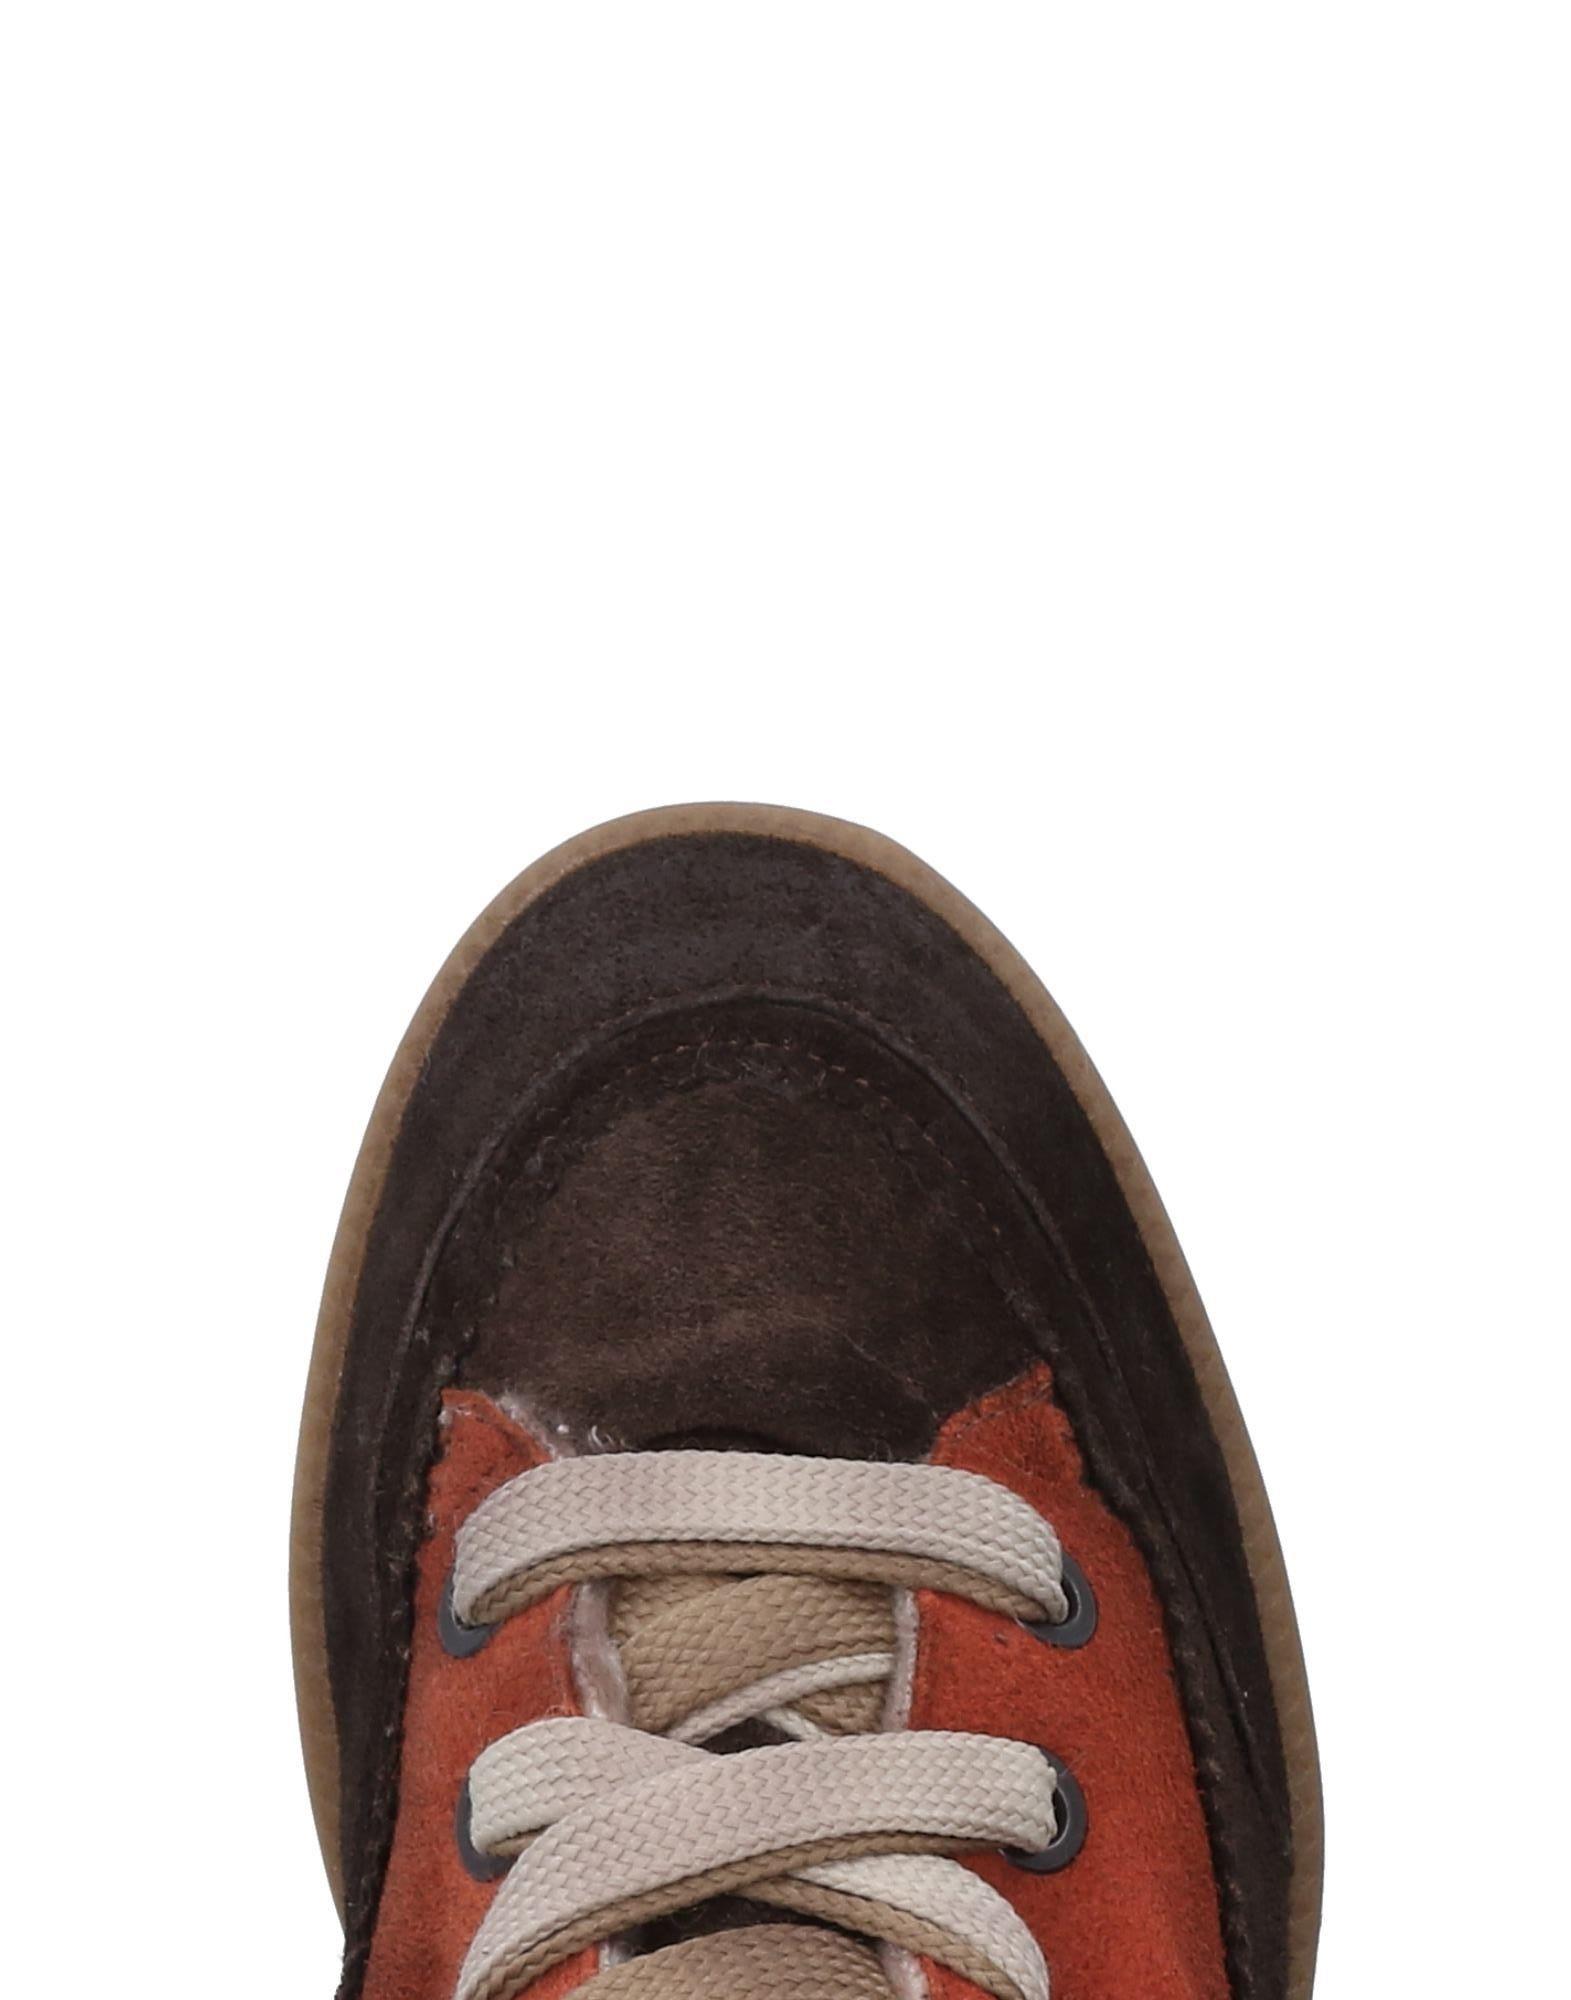 Manas Sneakers Damen  11503919EU Gute Qualität beliebte Schuhe Schuhe beliebte fdbf59